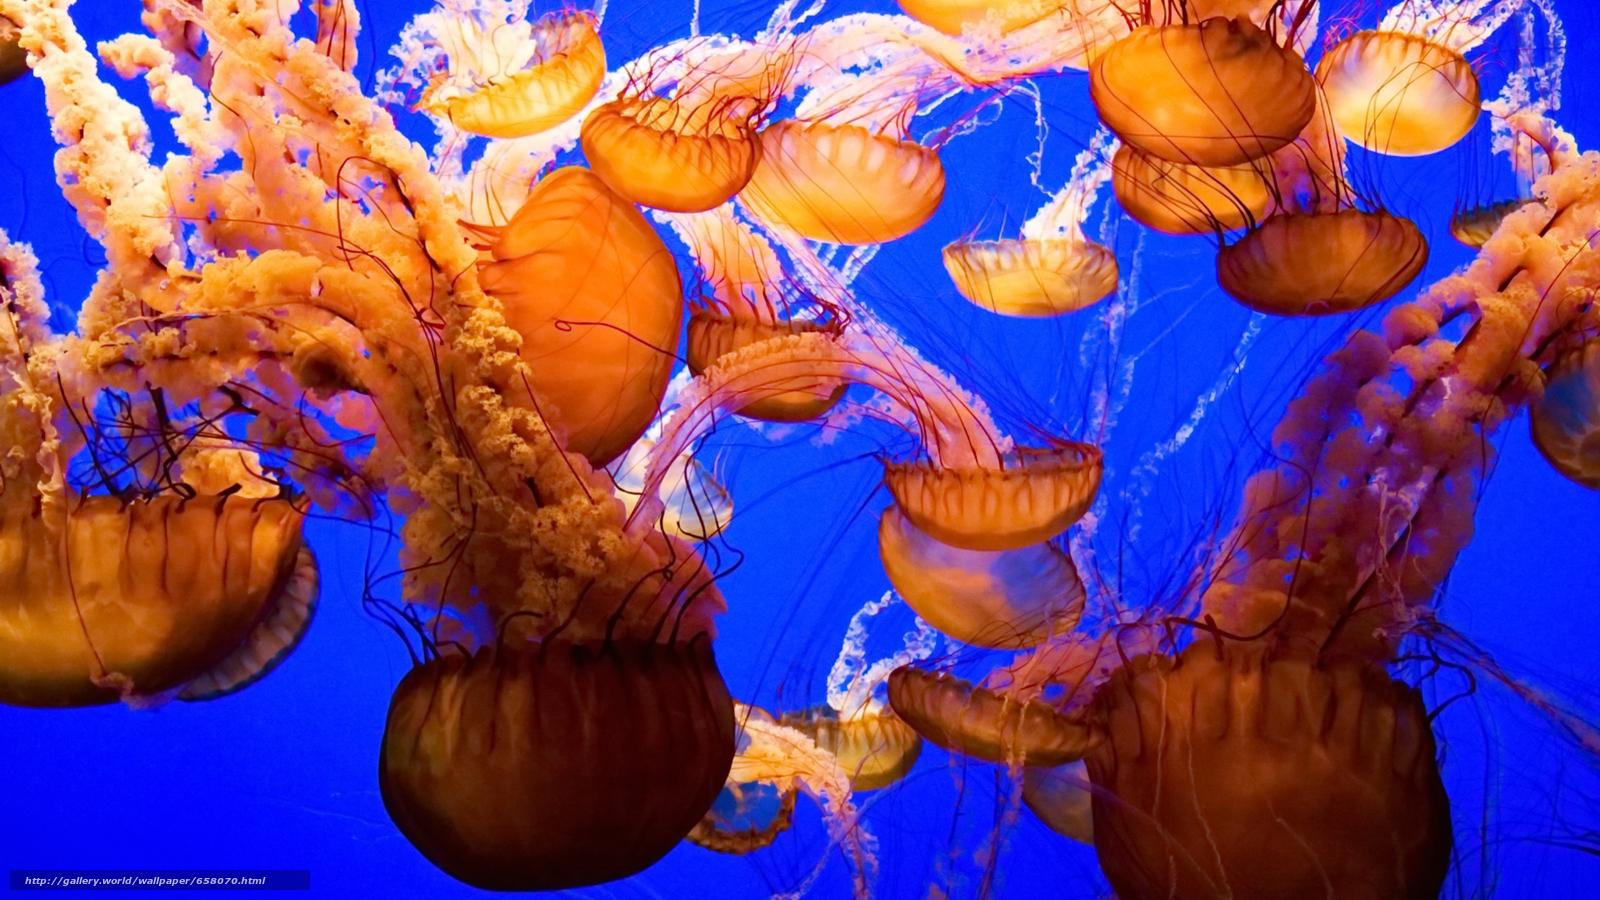 下载壁纸 海蜇,  海蜇,  海底世界,  水 免费为您的桌面分辨率的壁纸 1920x1080 — 图片 №658070